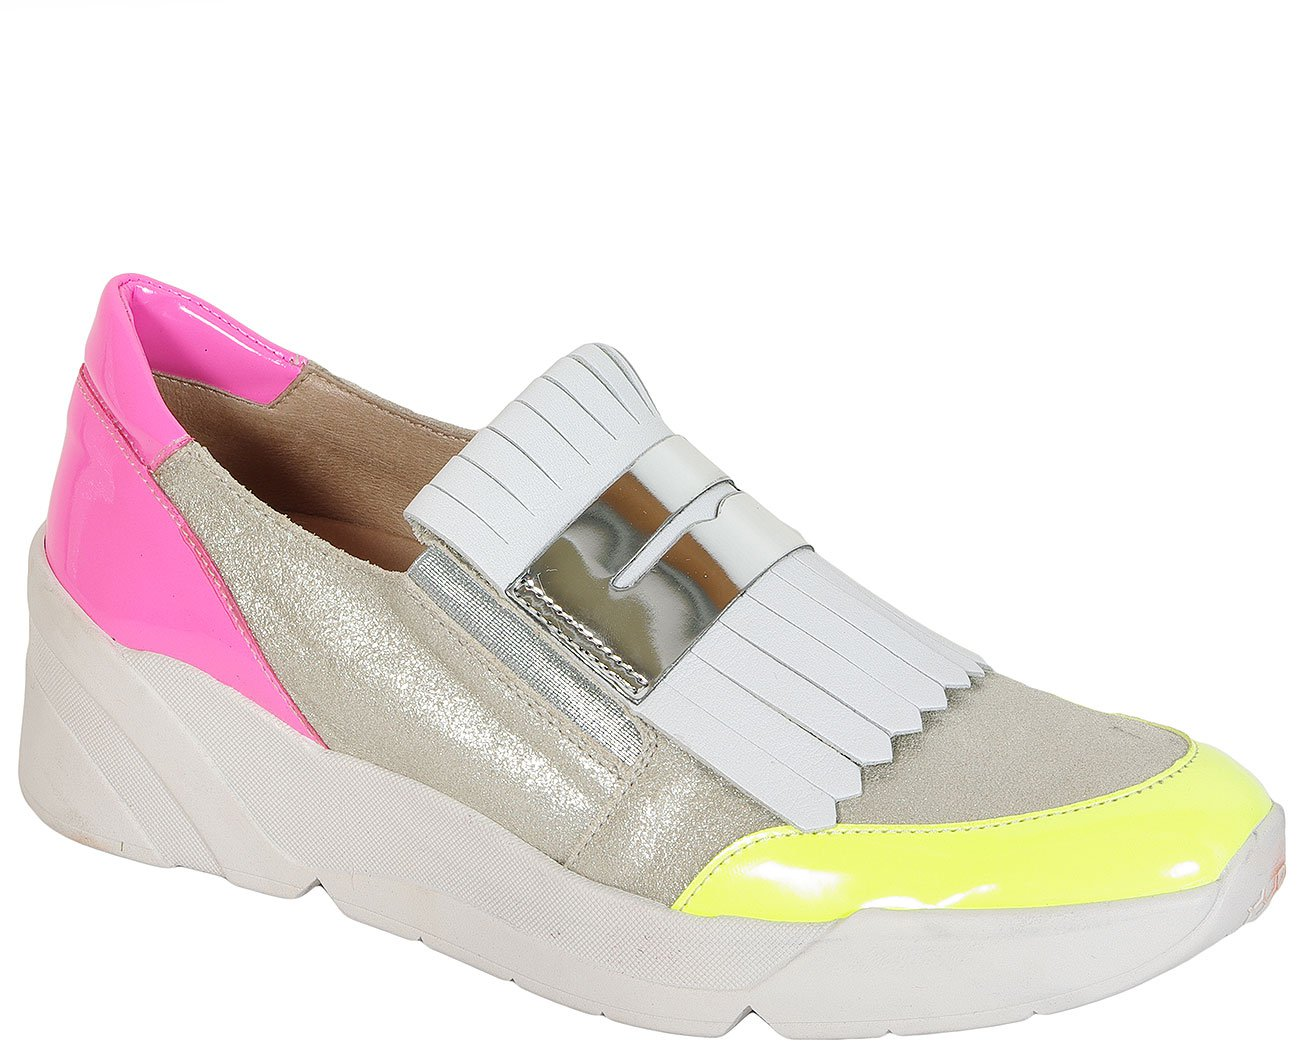 Wonders 8103 Orientlux Lima sneakers